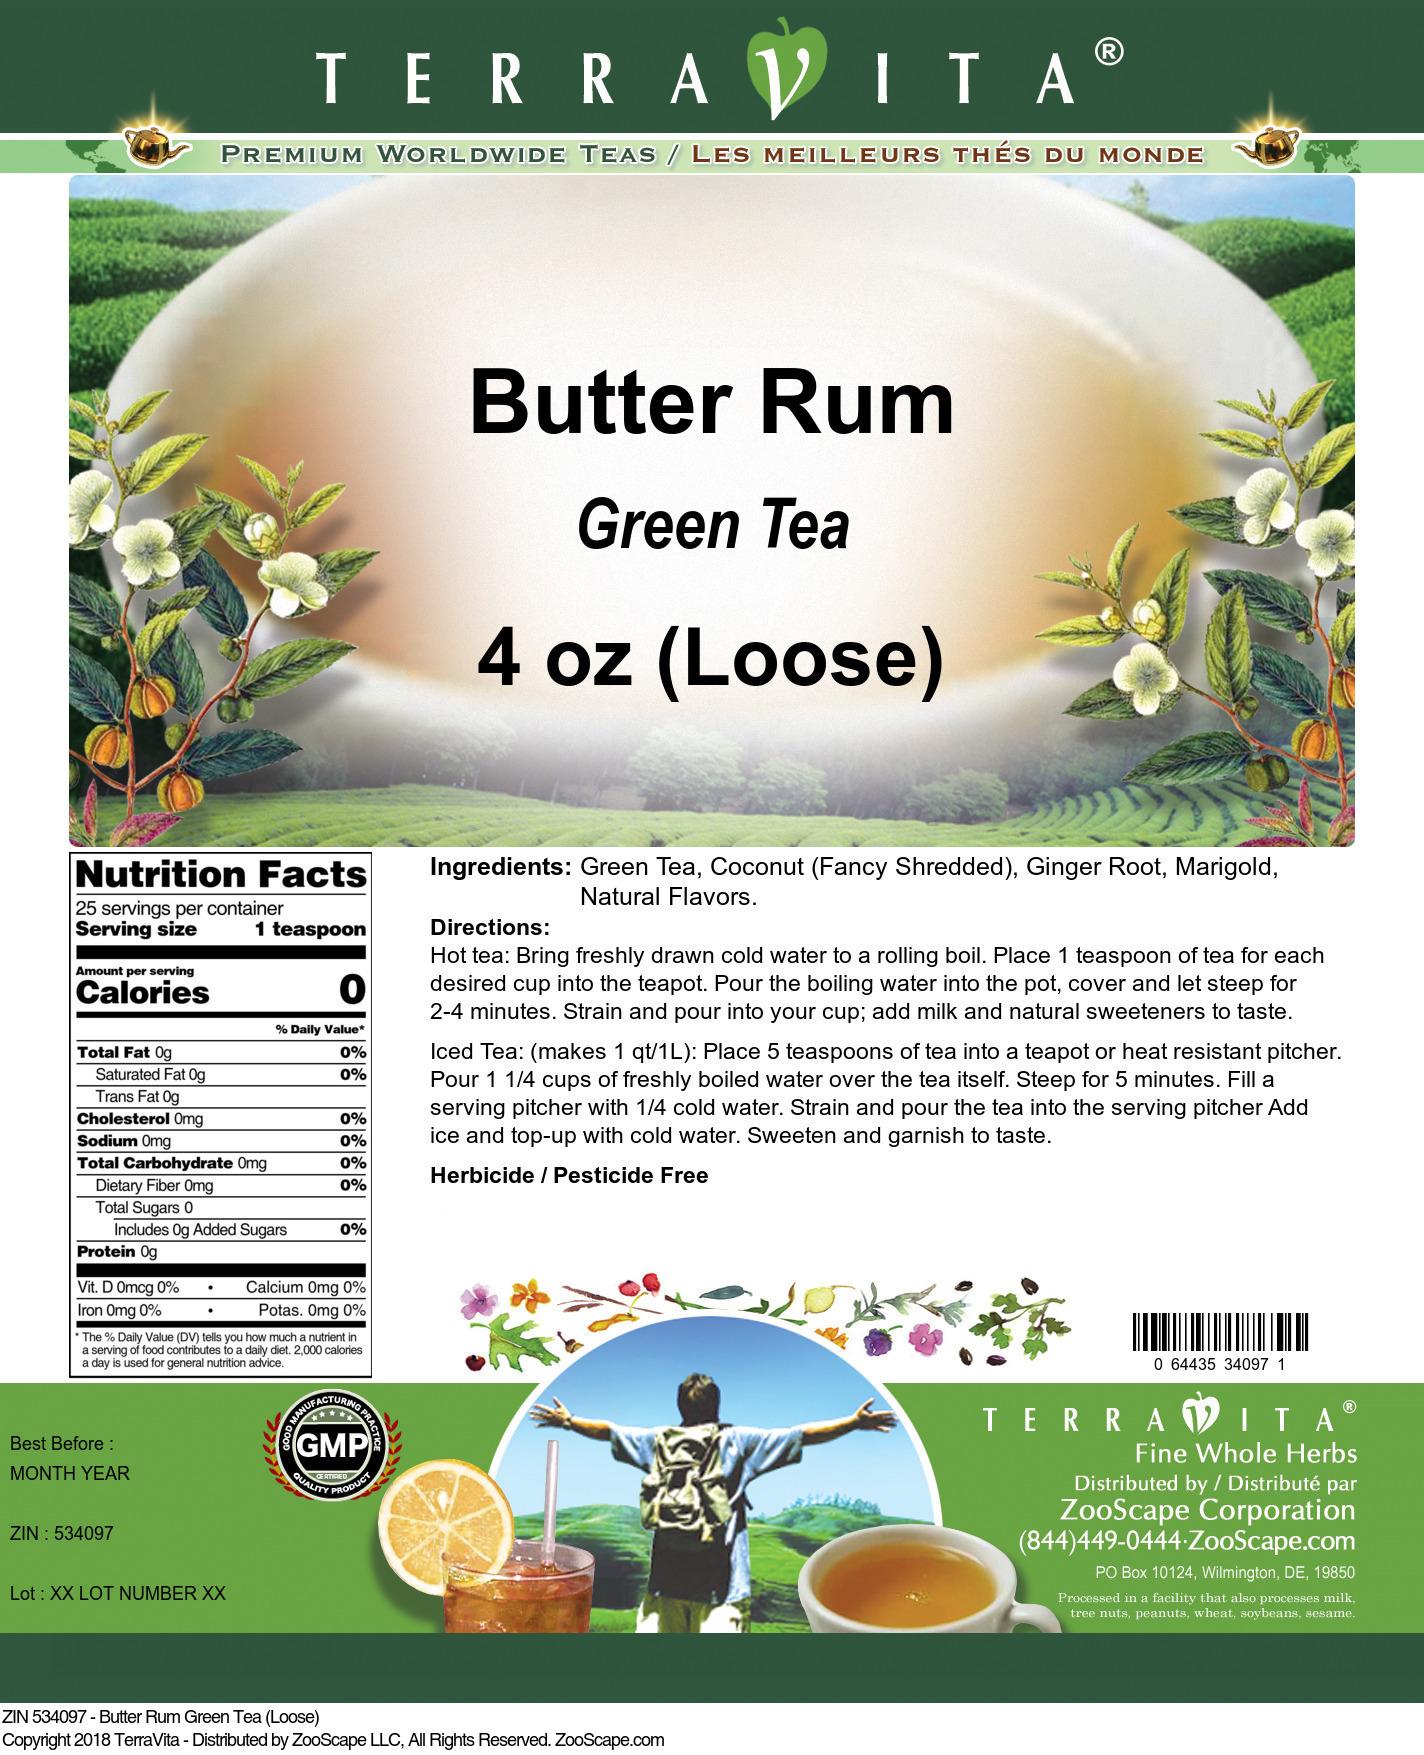 Butter Rum Green Tea (Loose)